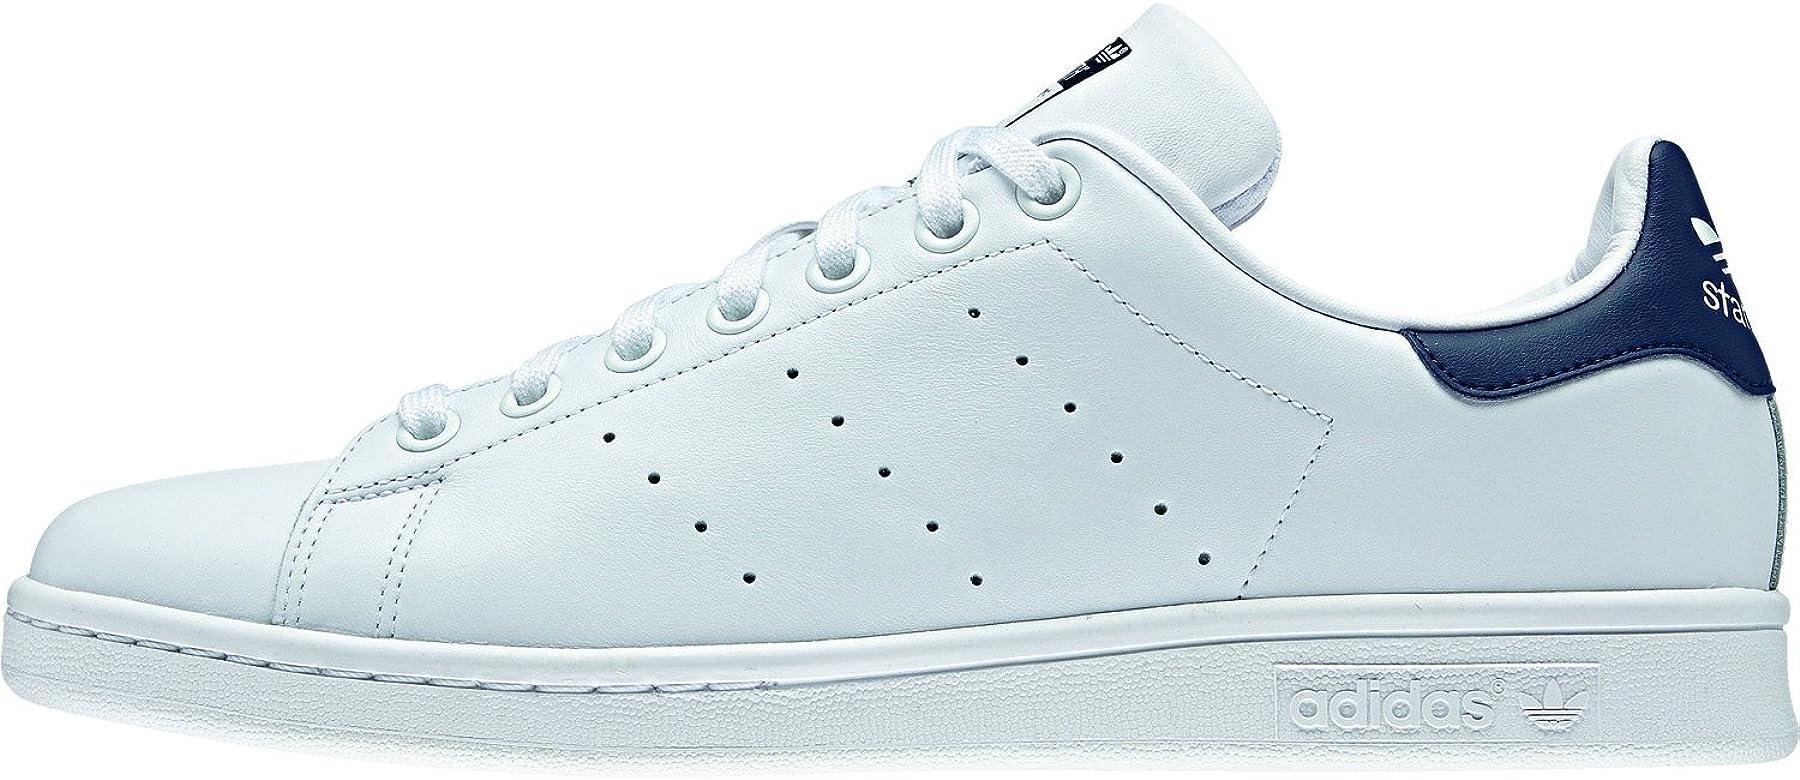 Adidas Originals Stan Smith, Zapatillas de Deporte Unisex Adulto, Blanco (Running White/New Navy), 41 1/3 EU: adidas Originals: Amazon.es: Deportes y aire libre